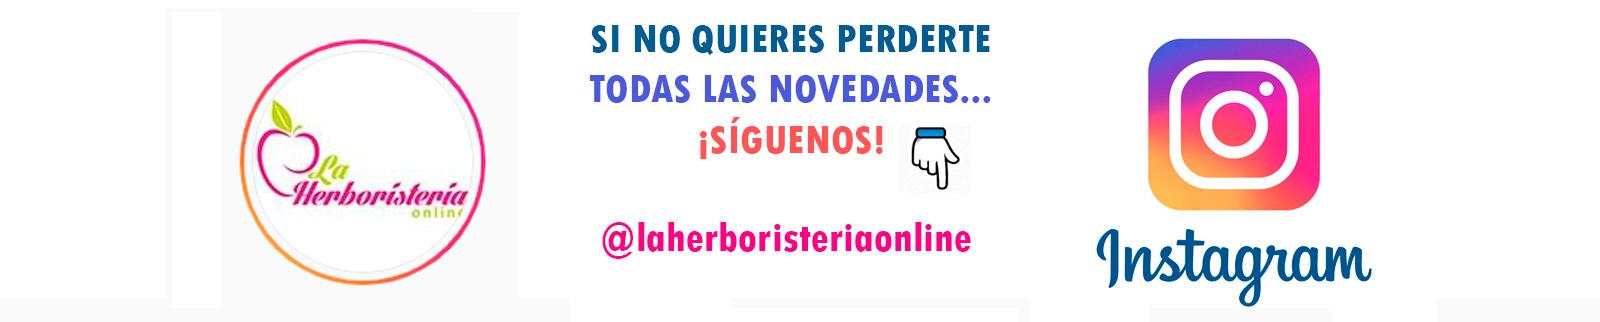 siguenos en instagram @laherboristeriaonline